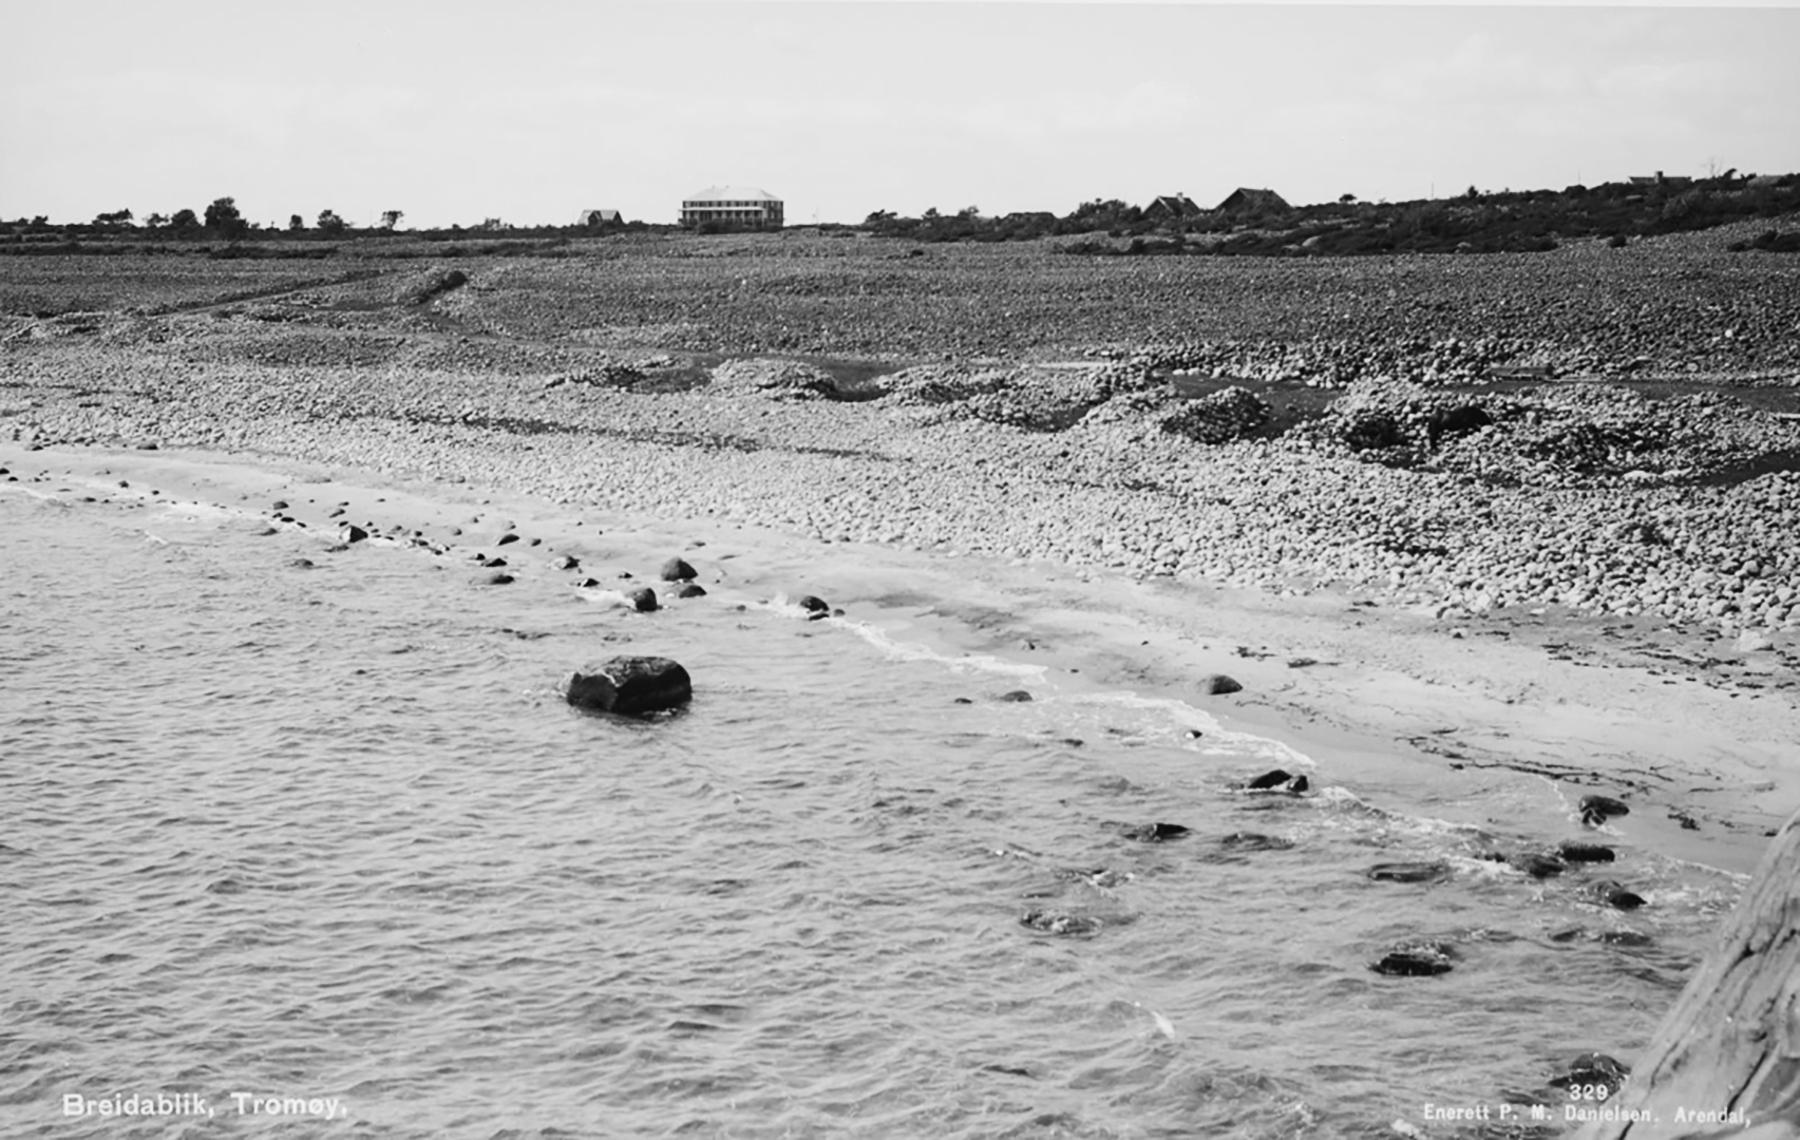 SLIK SÅ DET UT FØR: I 1940-årene var det åpent landskap fra Breidablikk, nåværende Arendal Herregaard, og ned til Spornesstranda. Foto: Arkivfoto fra Aust-Agder Museum og Arkiv.